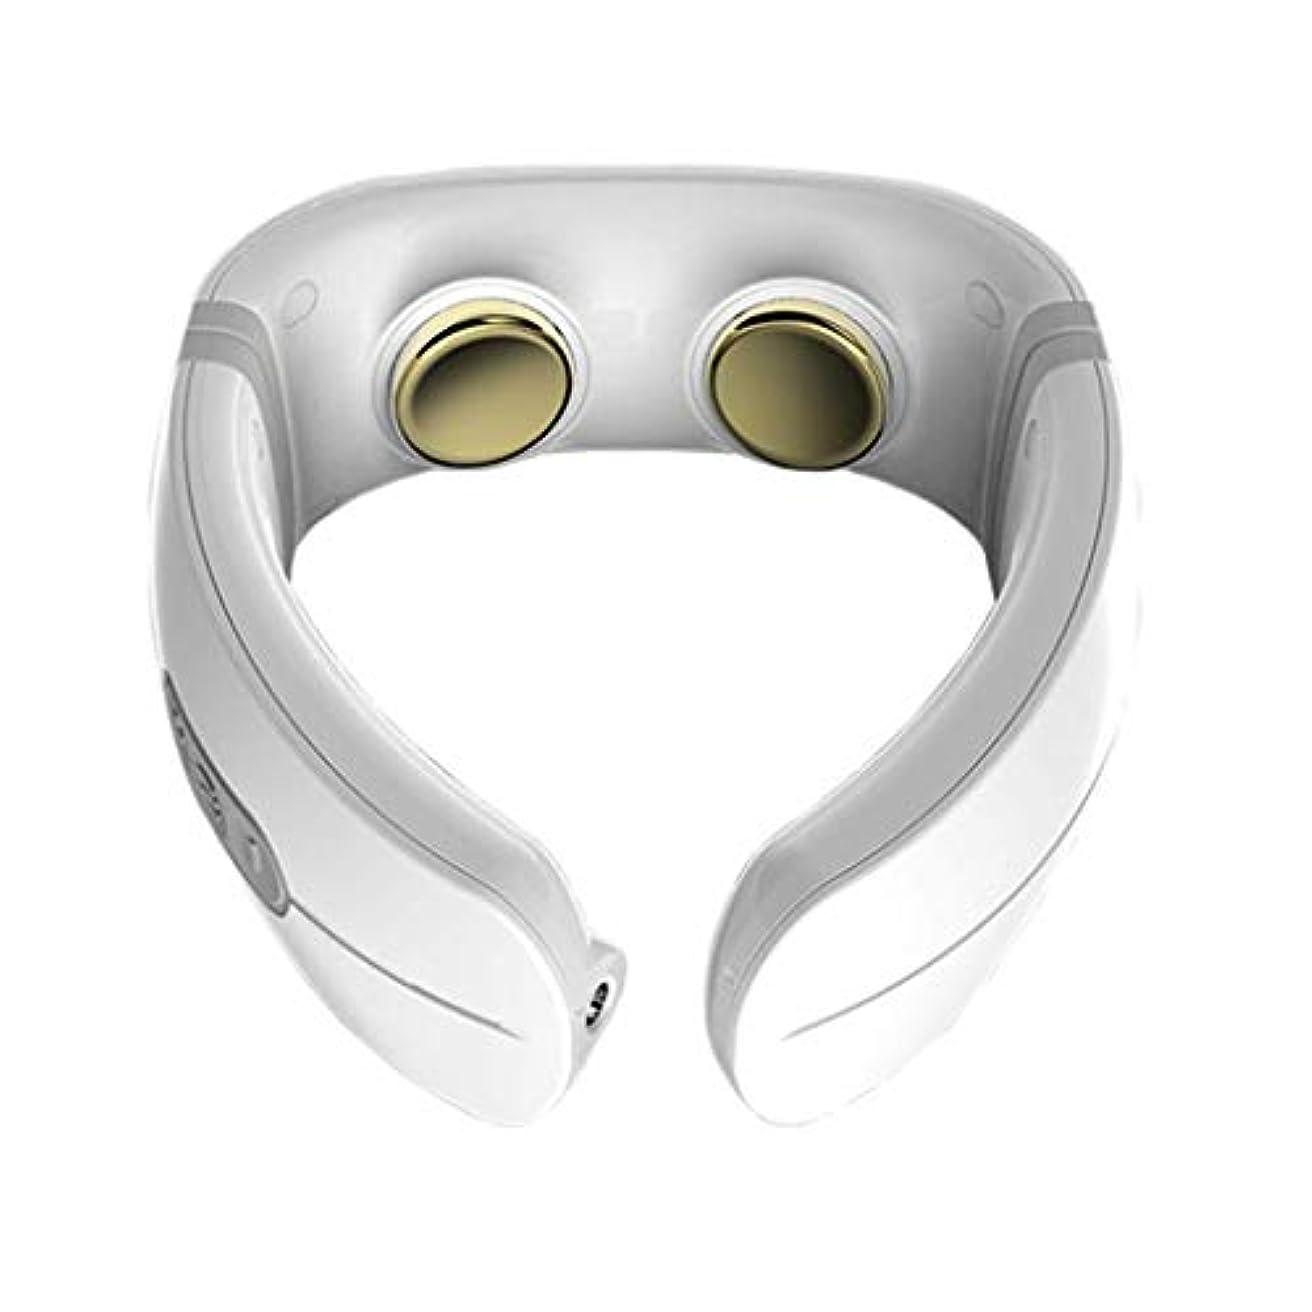 高尚なビルダー衝突肩と首のマッサージャー、ポータブルマッサージャー、電気刺激加熱設定、指圧振動深練り、筋肉の弛緩、痛みの緩和、オフィスファミリーカー旅行に使用